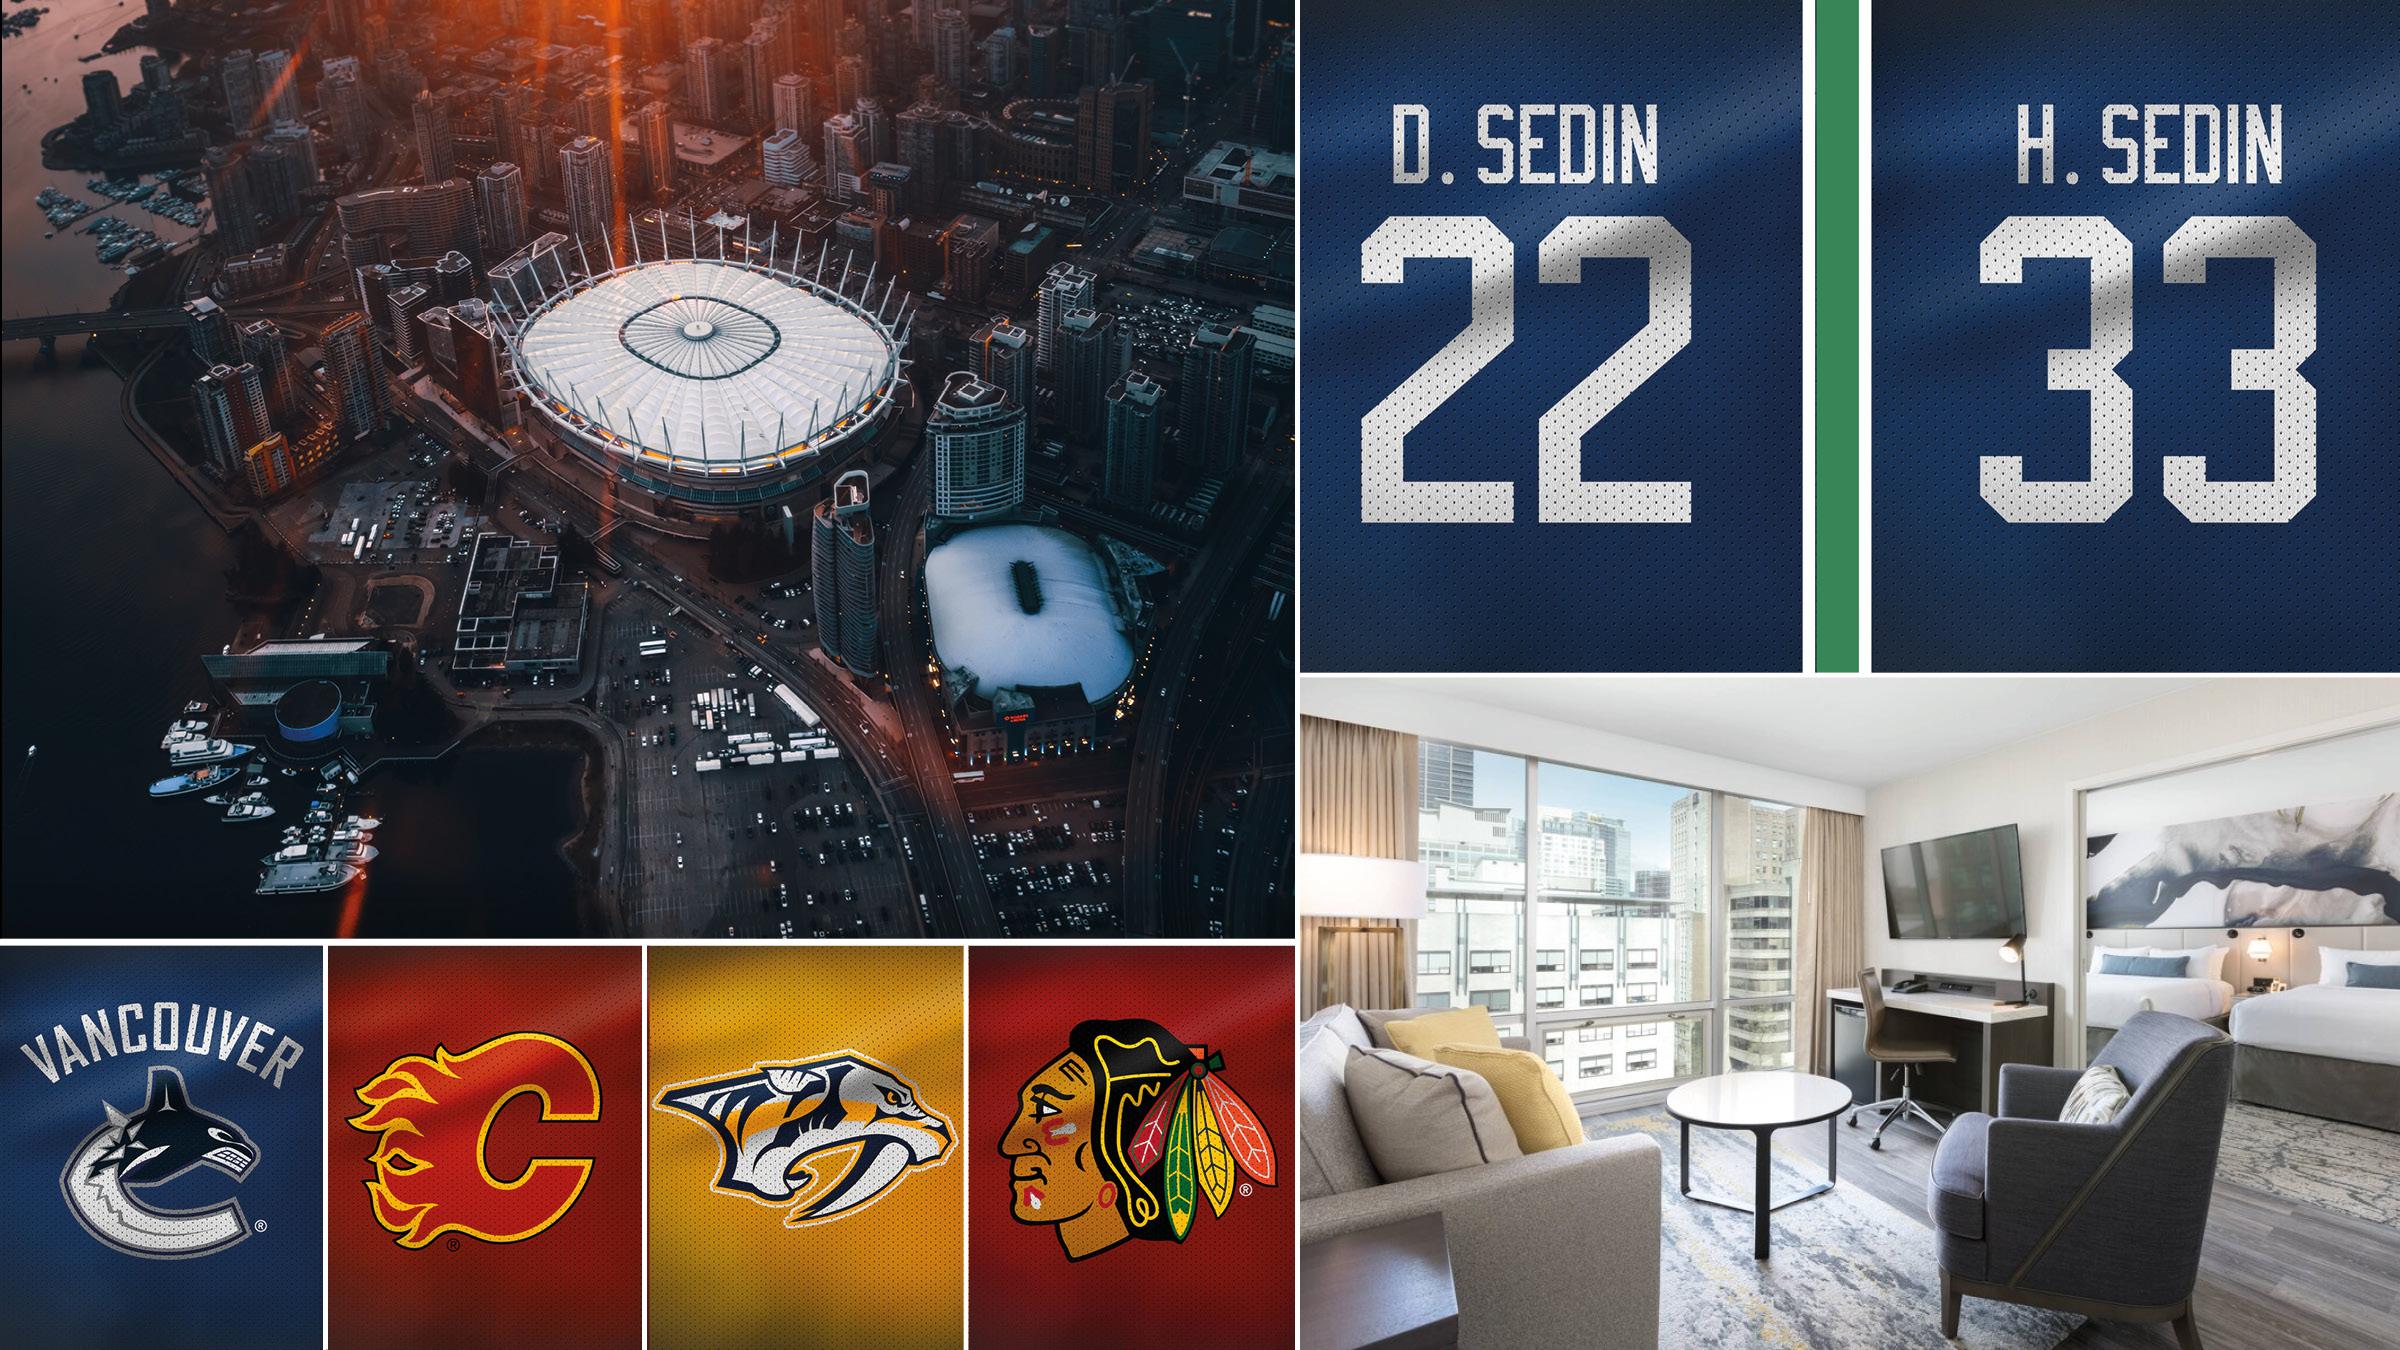 NHL-resa Vancouver7-14 februari 2020 - På den här NHL-resan till Vancouver får du uppleva något alldeles extra - bröderna Sedins tröjhissning. Boende centralt i Vancouver och hela tre matcher från NHL ingår på den här hockeyresan till natursköna Vancouver. Canucks mot Nashville, Calgary och Chicago.